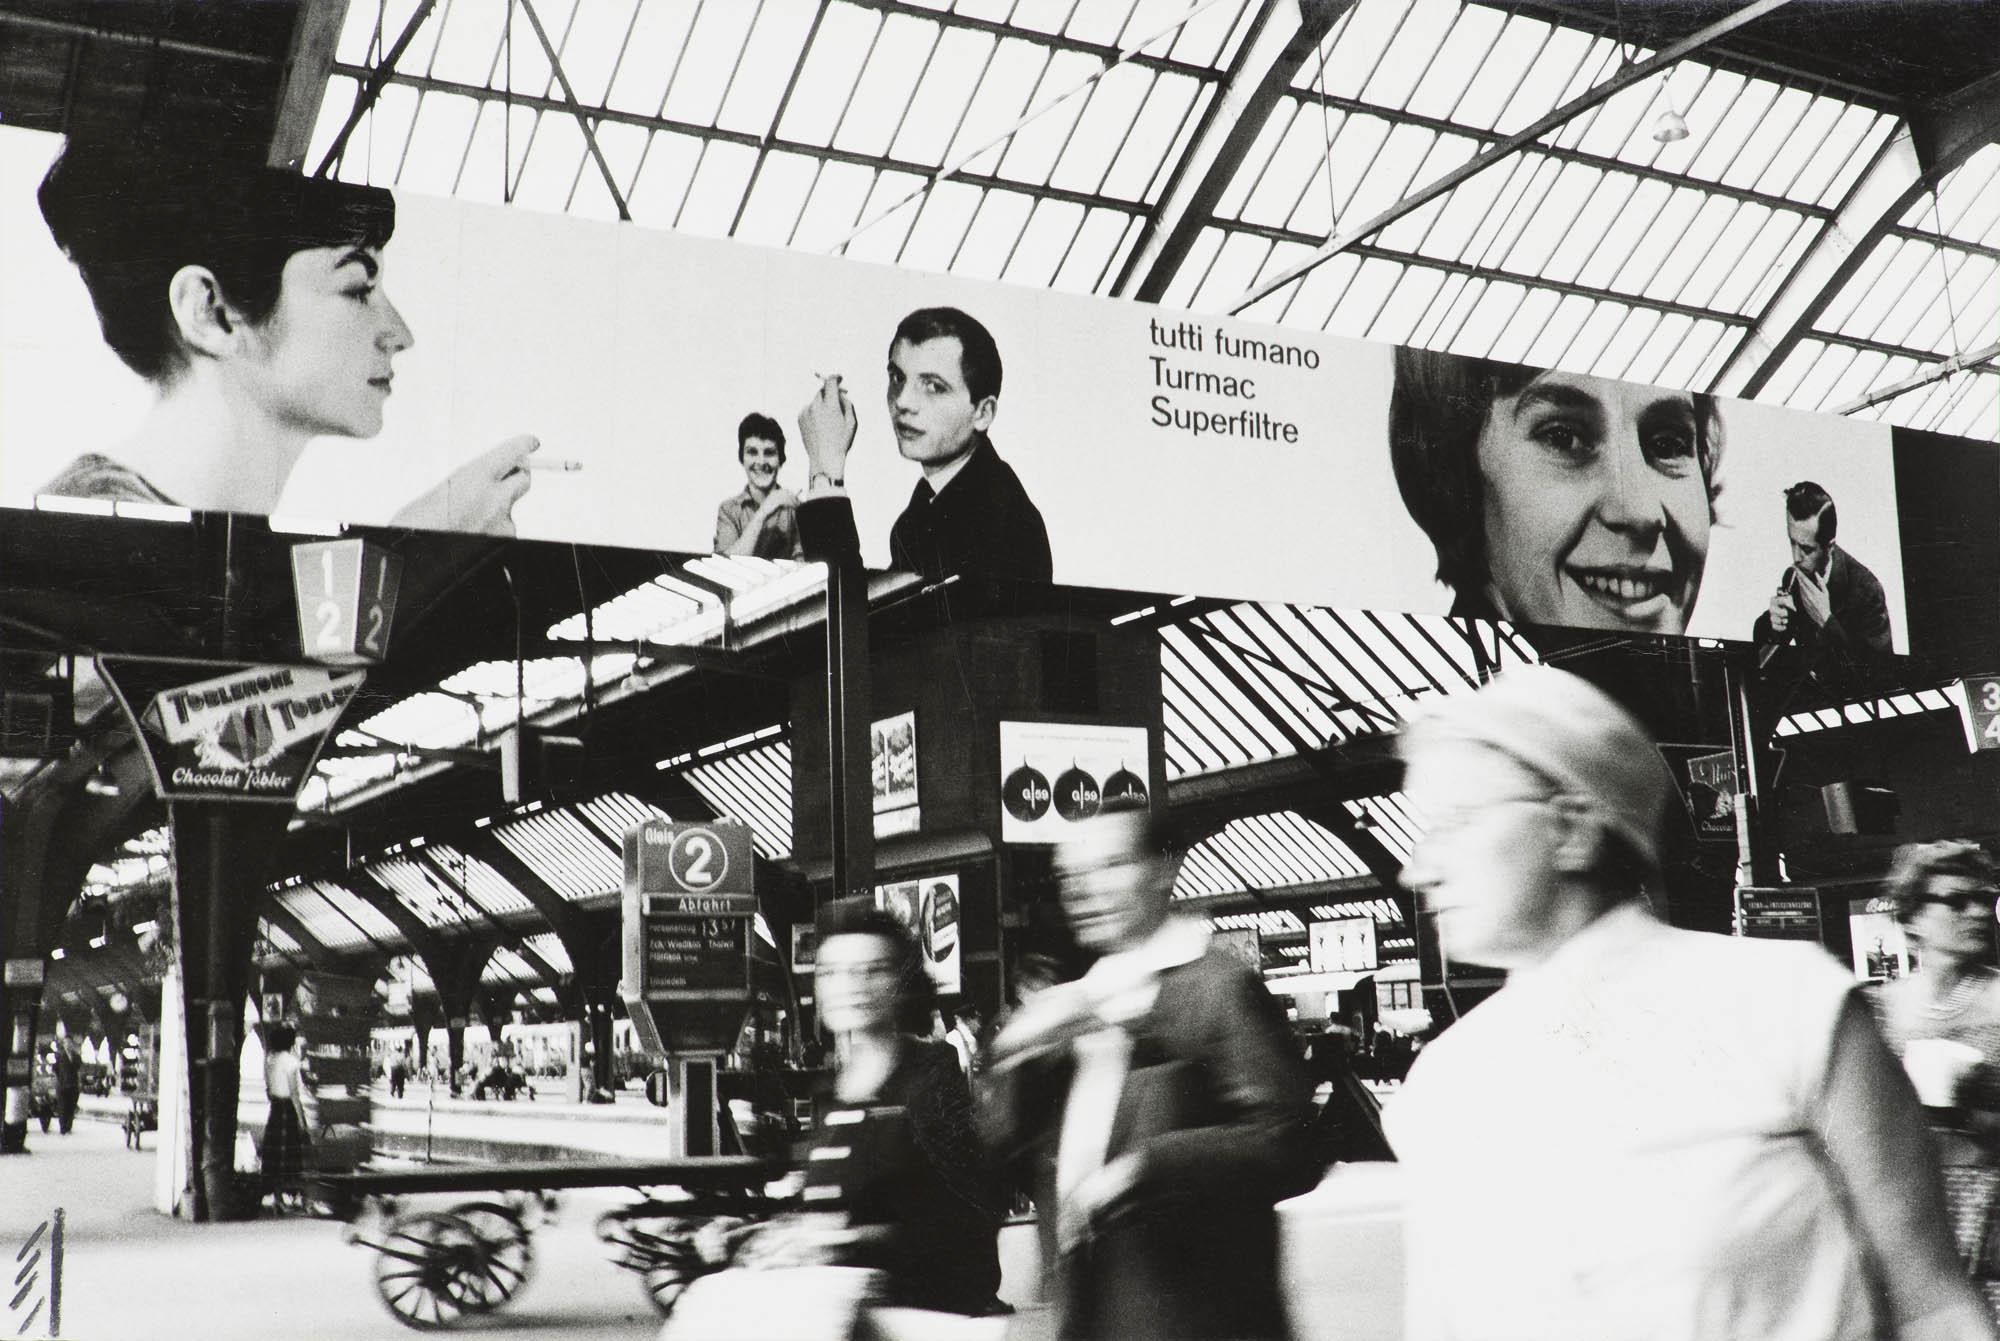 Werbepaneel Bahnhof Zürich, Turmac Atelier Müller-Brockmann Serge Libiszewski Photographie